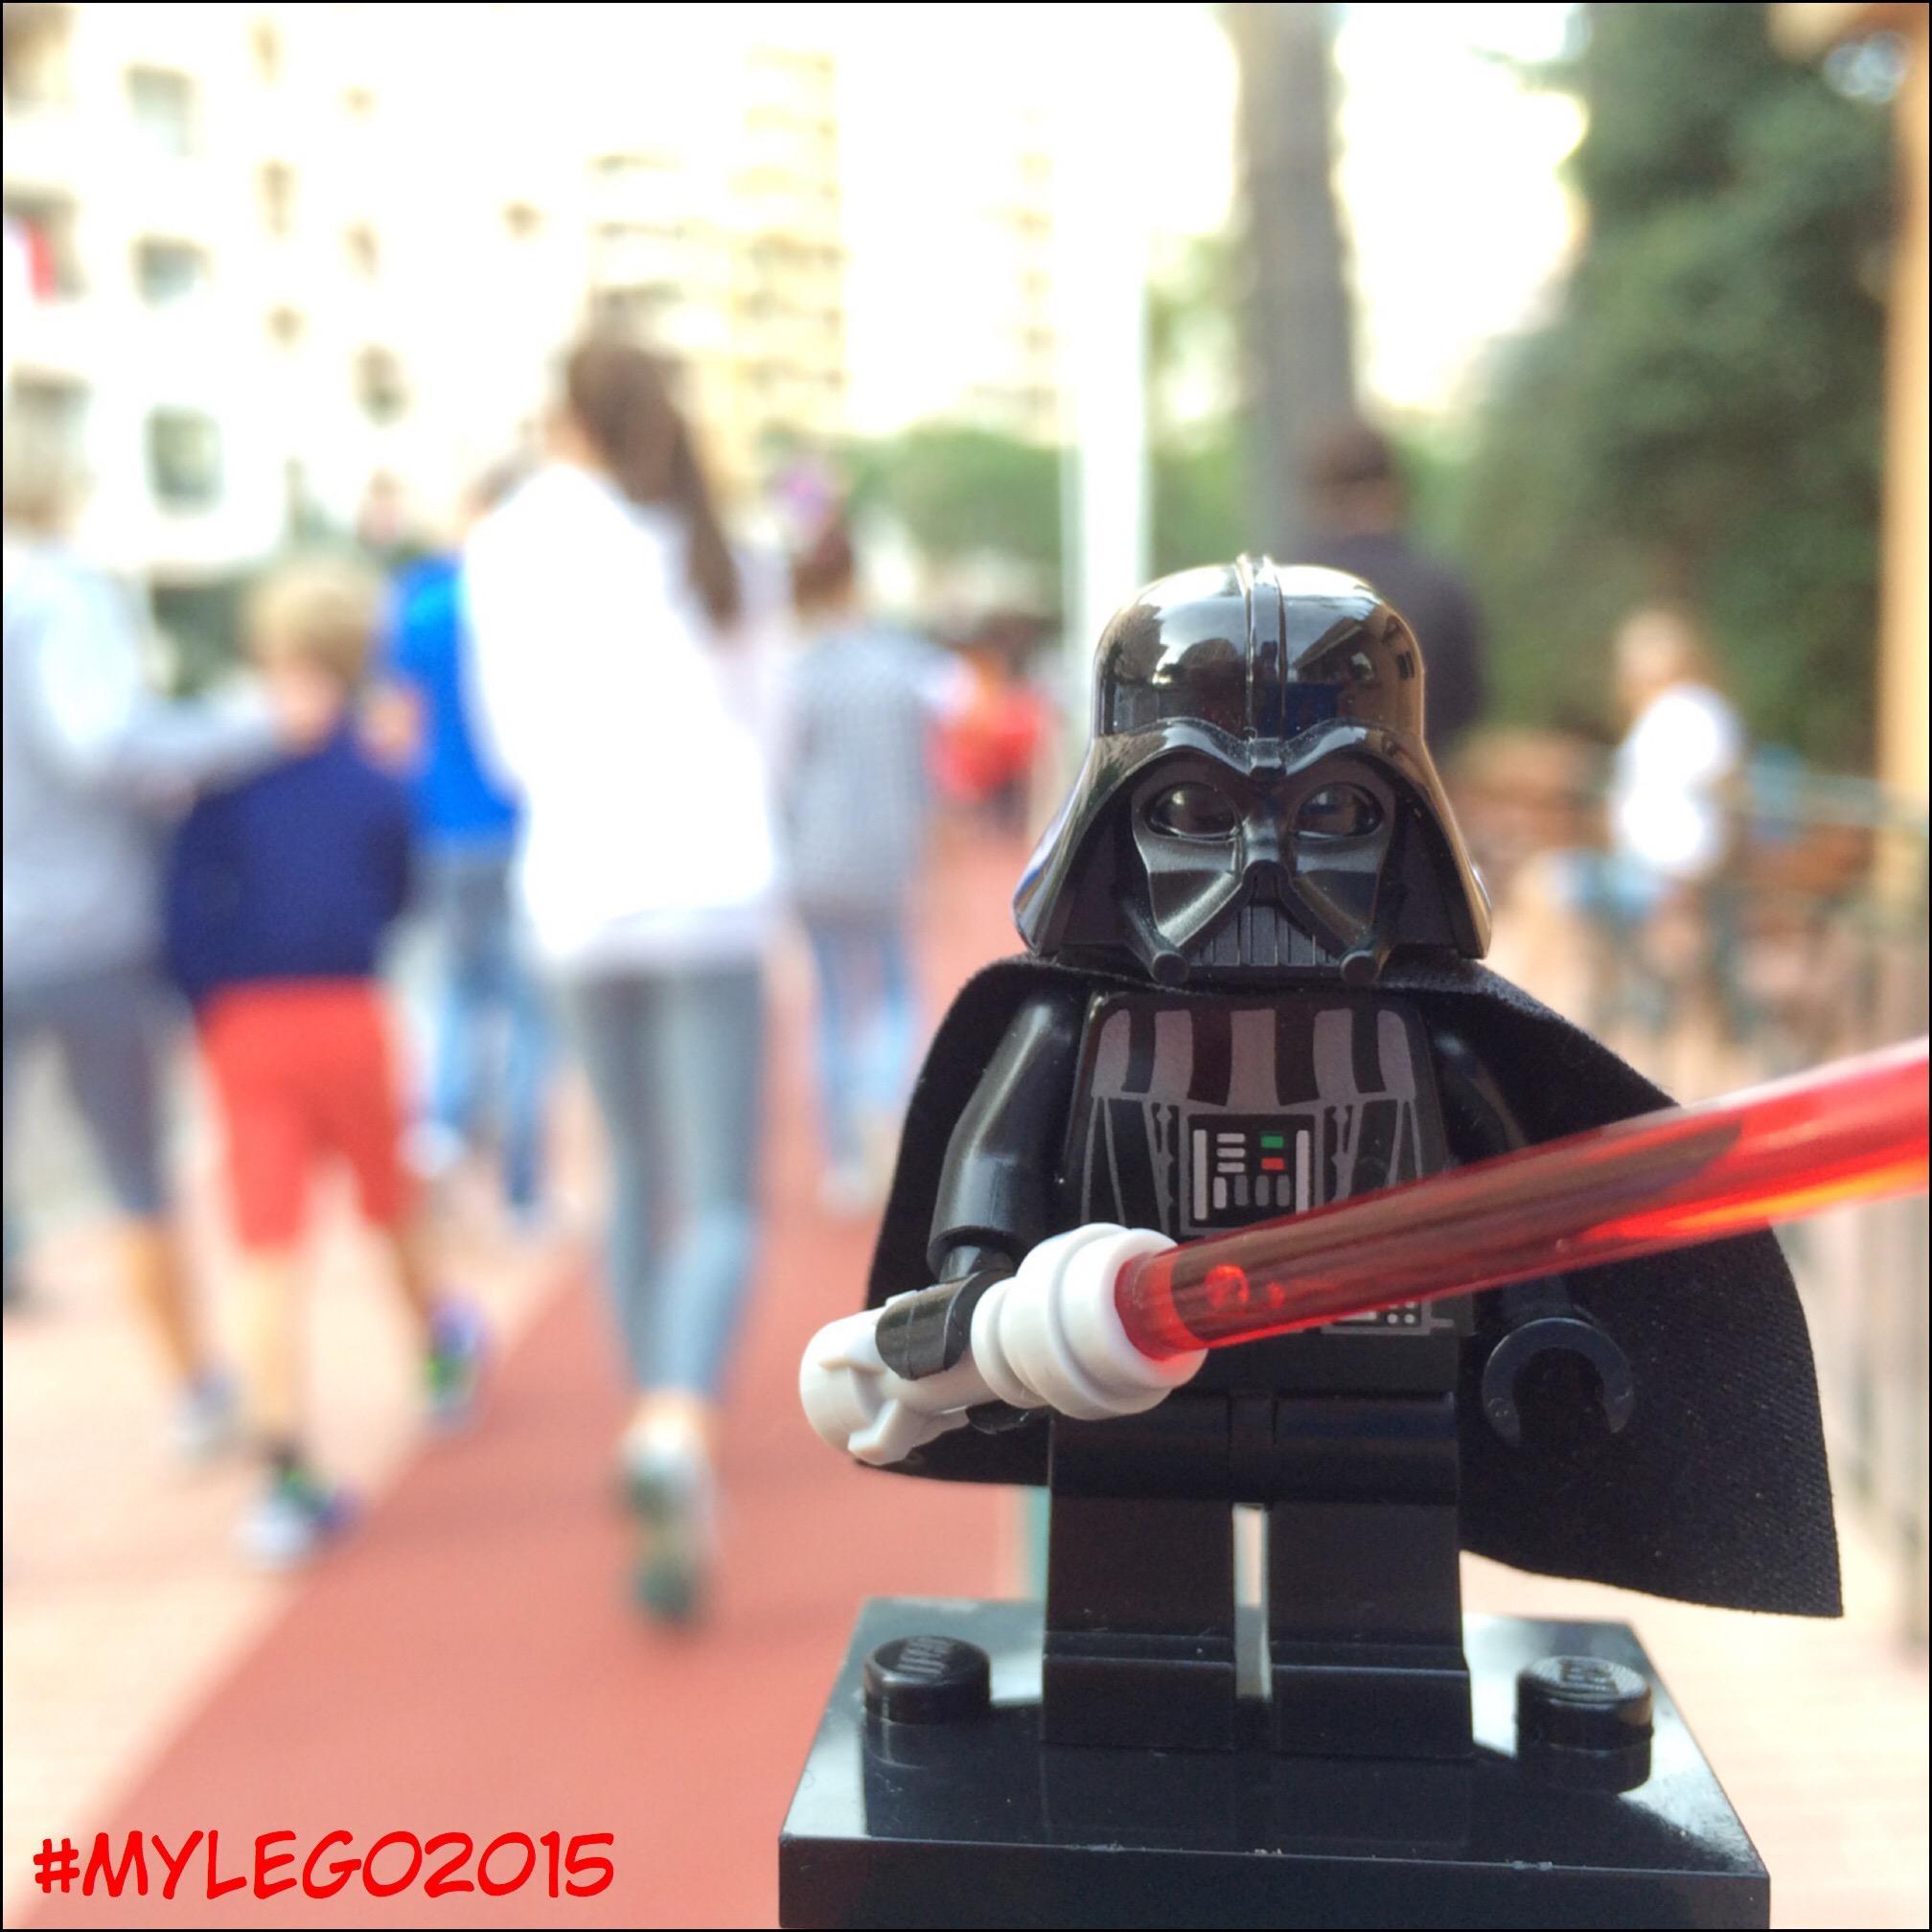 #MyLego2015